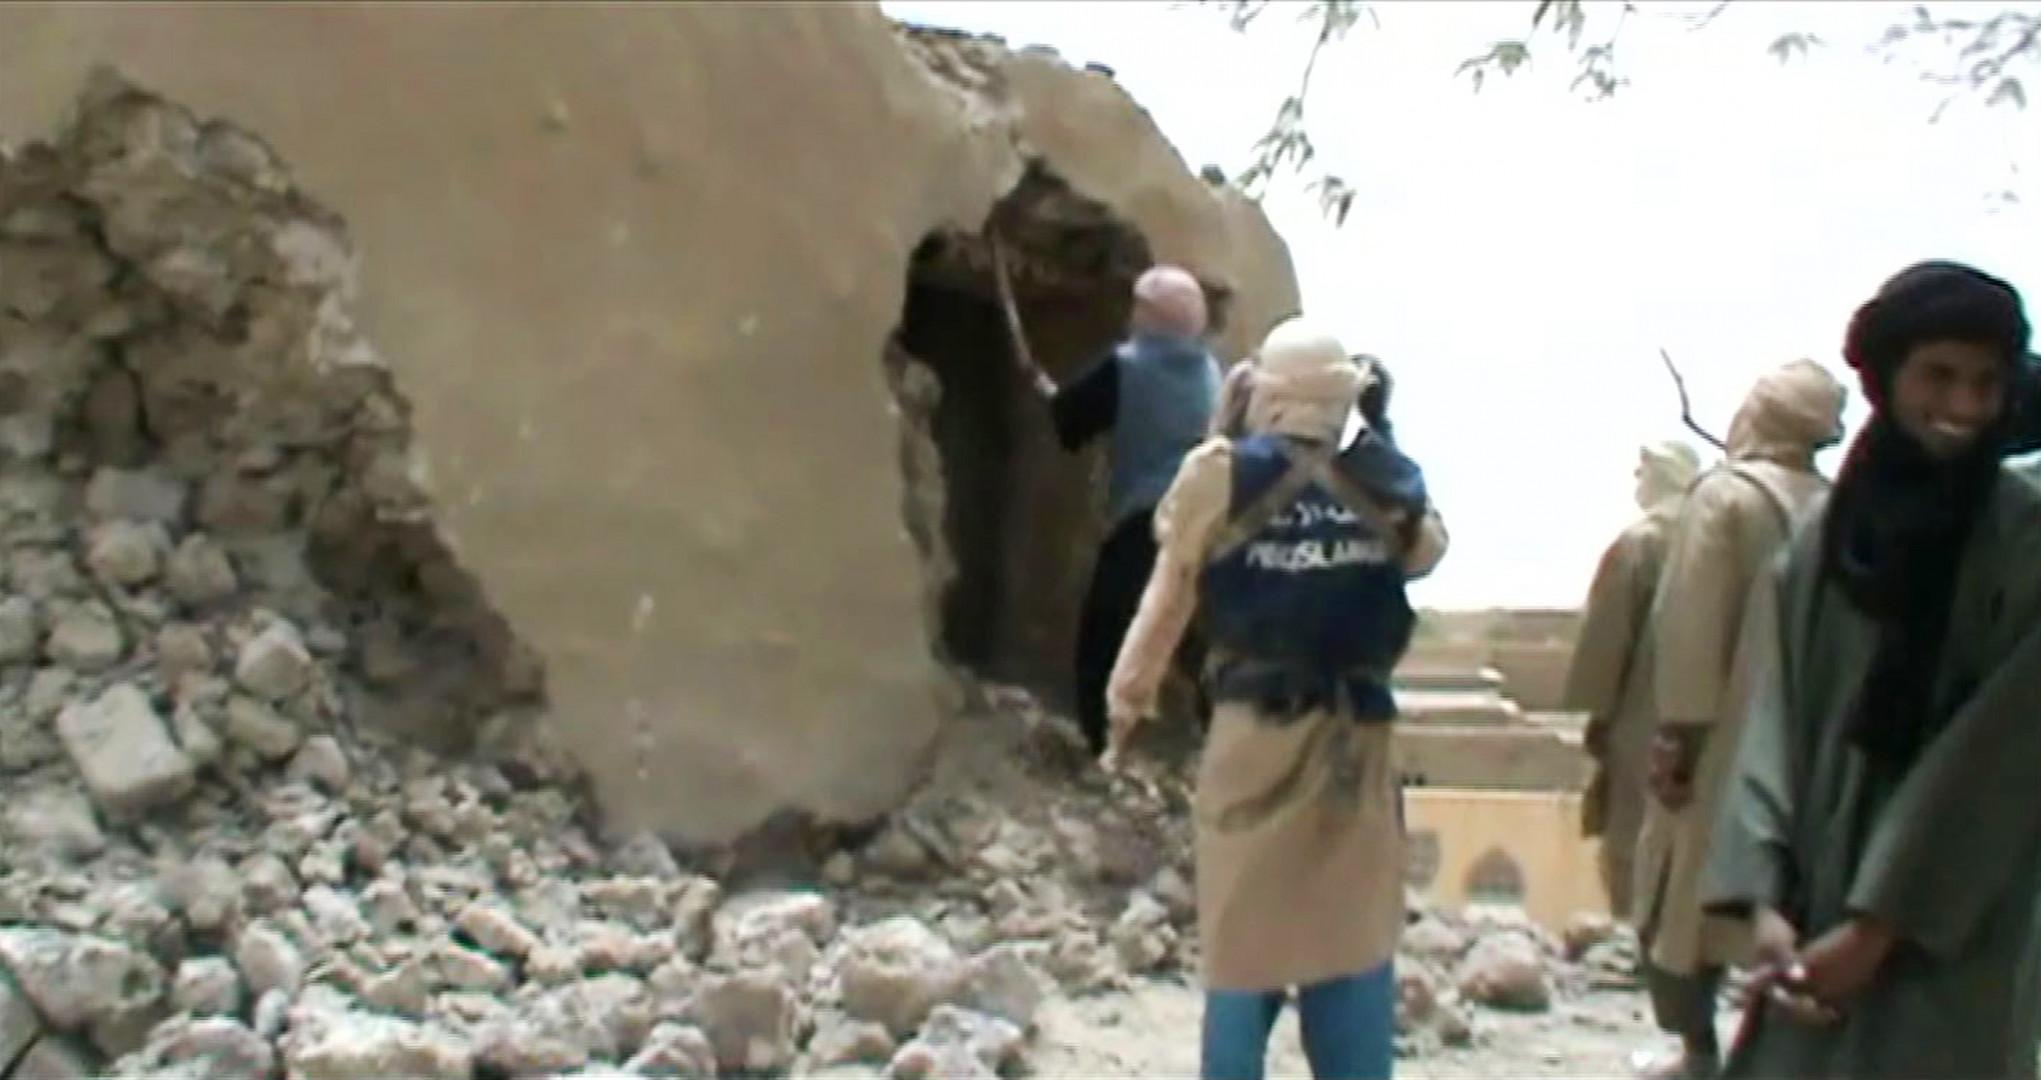 Les mausolées de Tombouctou, en train d'être détruits par les troupes d'Ansar Dine à l'été 2012 dans le Nord Mali